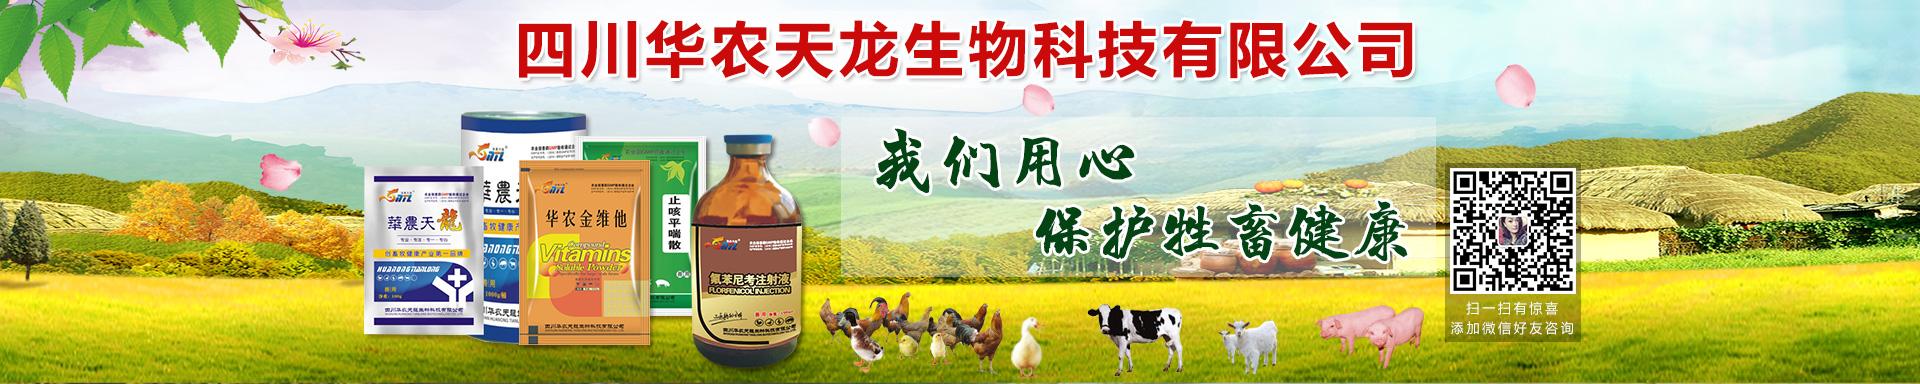 四川华农天龙生物科技有限公司